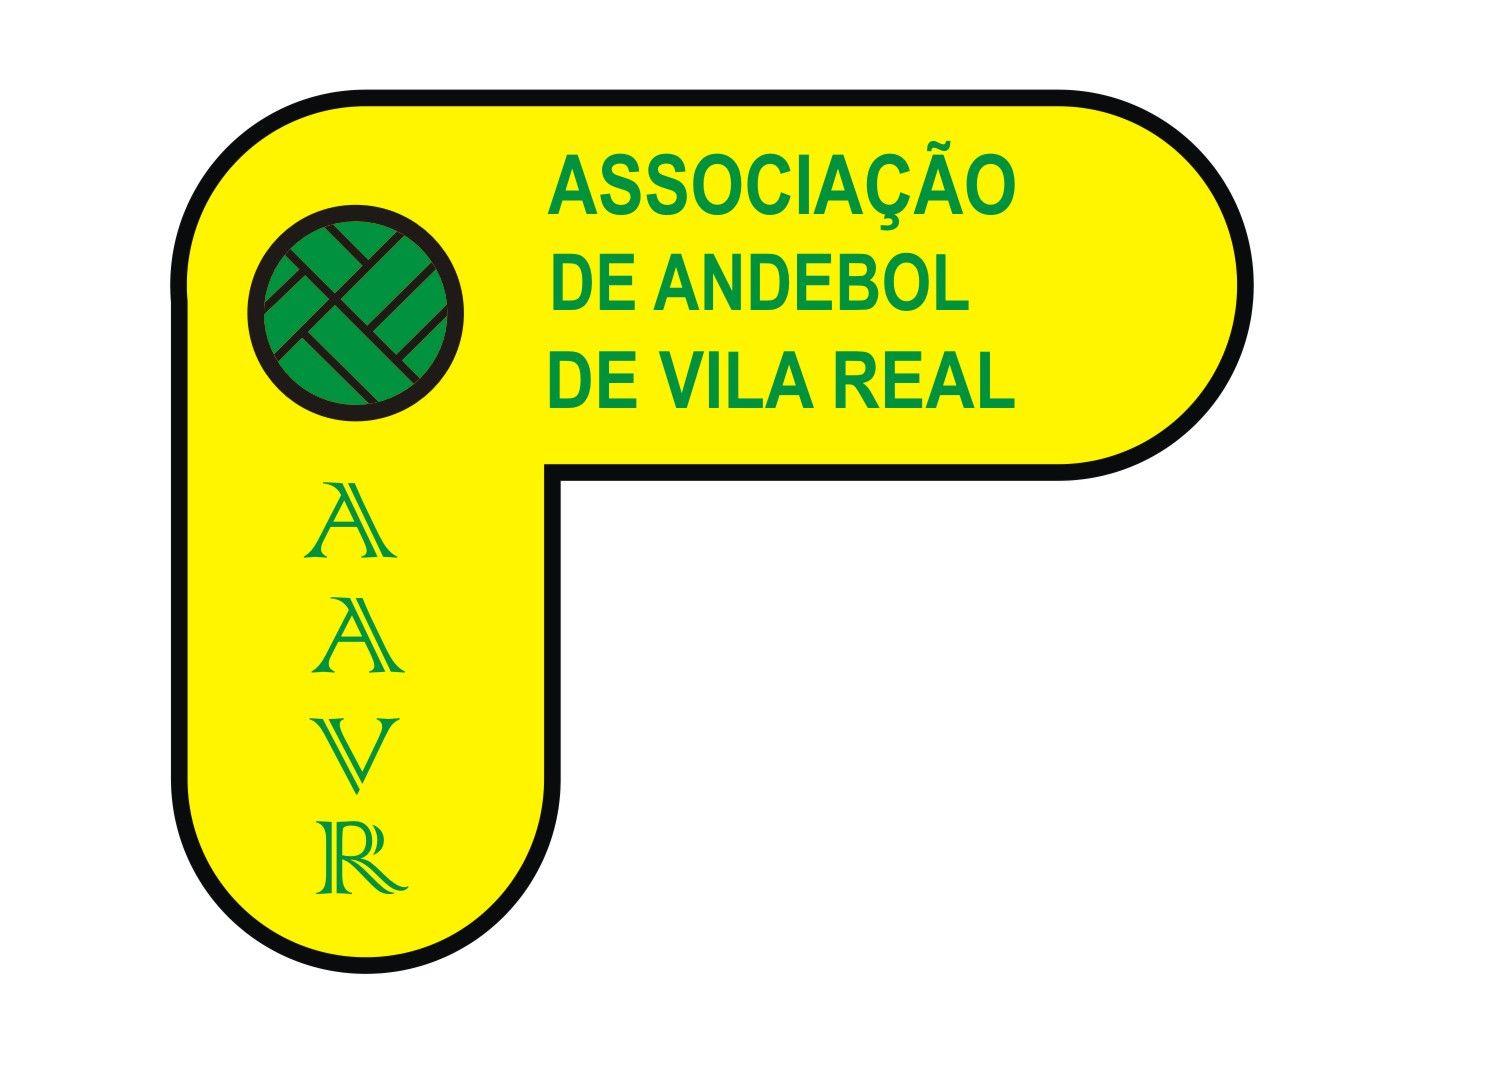 Logo Associação de Andebol Vila Real